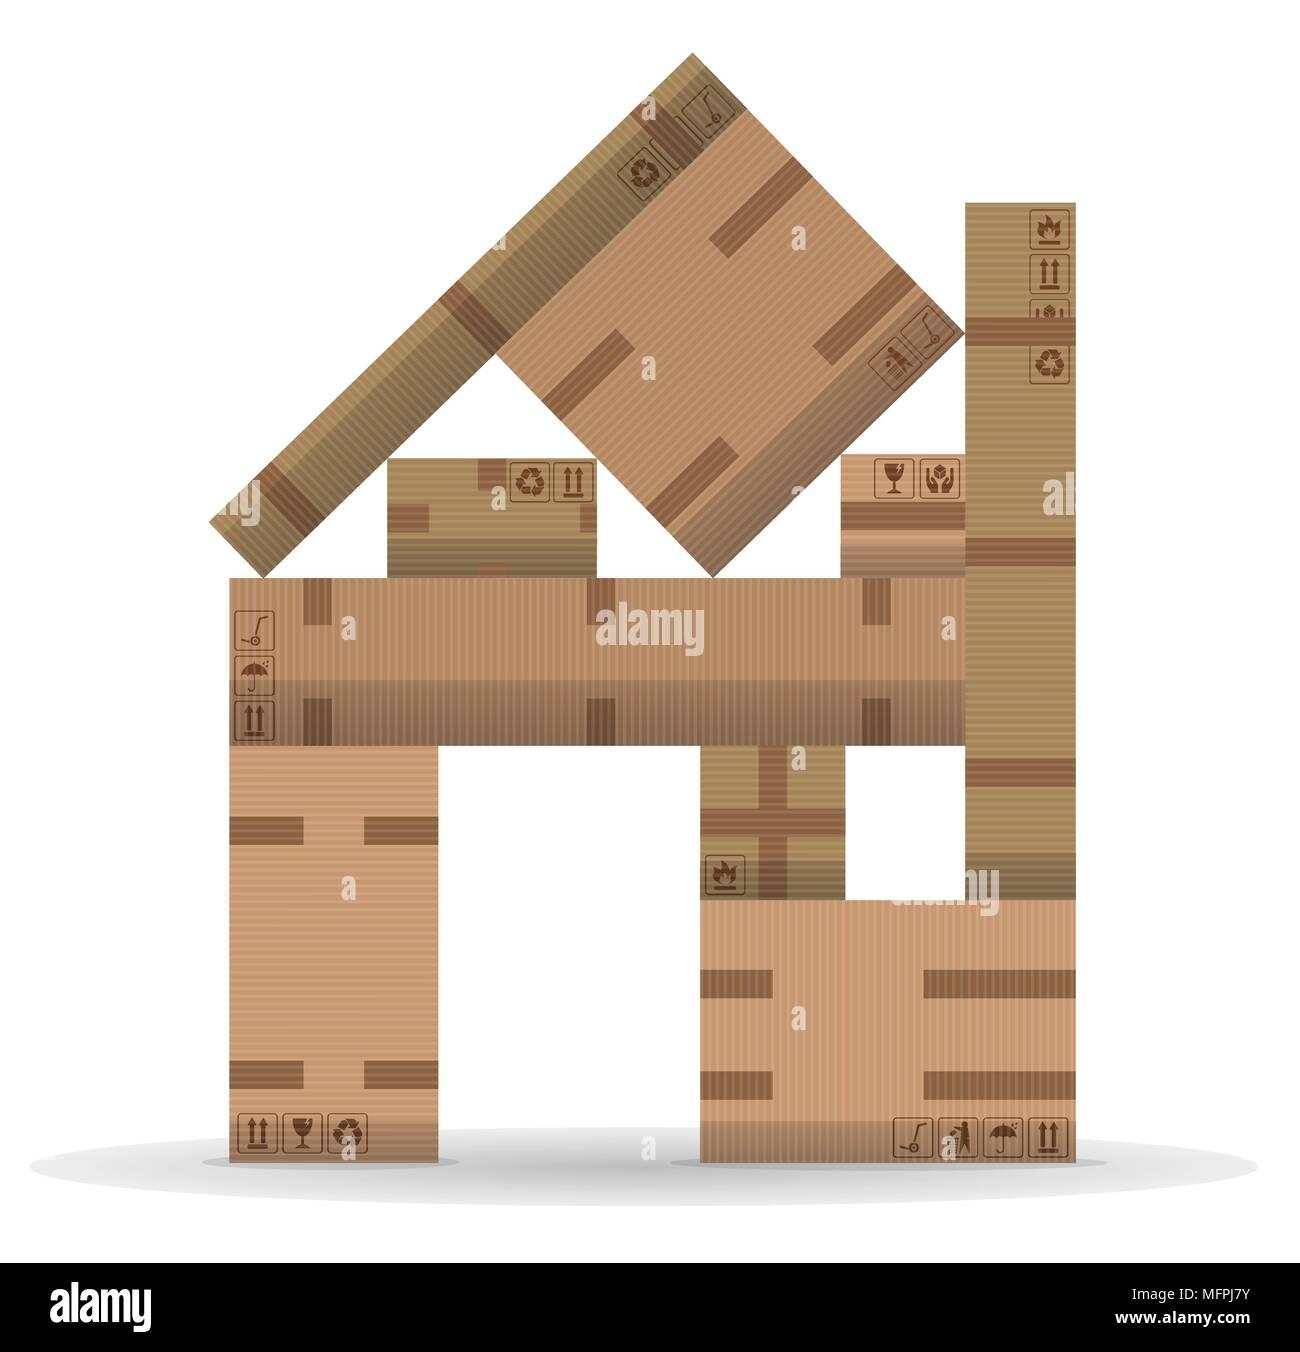 El cambio de casa con cajas de cartón. Todos los objetos y símbolos de embalaje están en capas distintas. Imagen De Stock